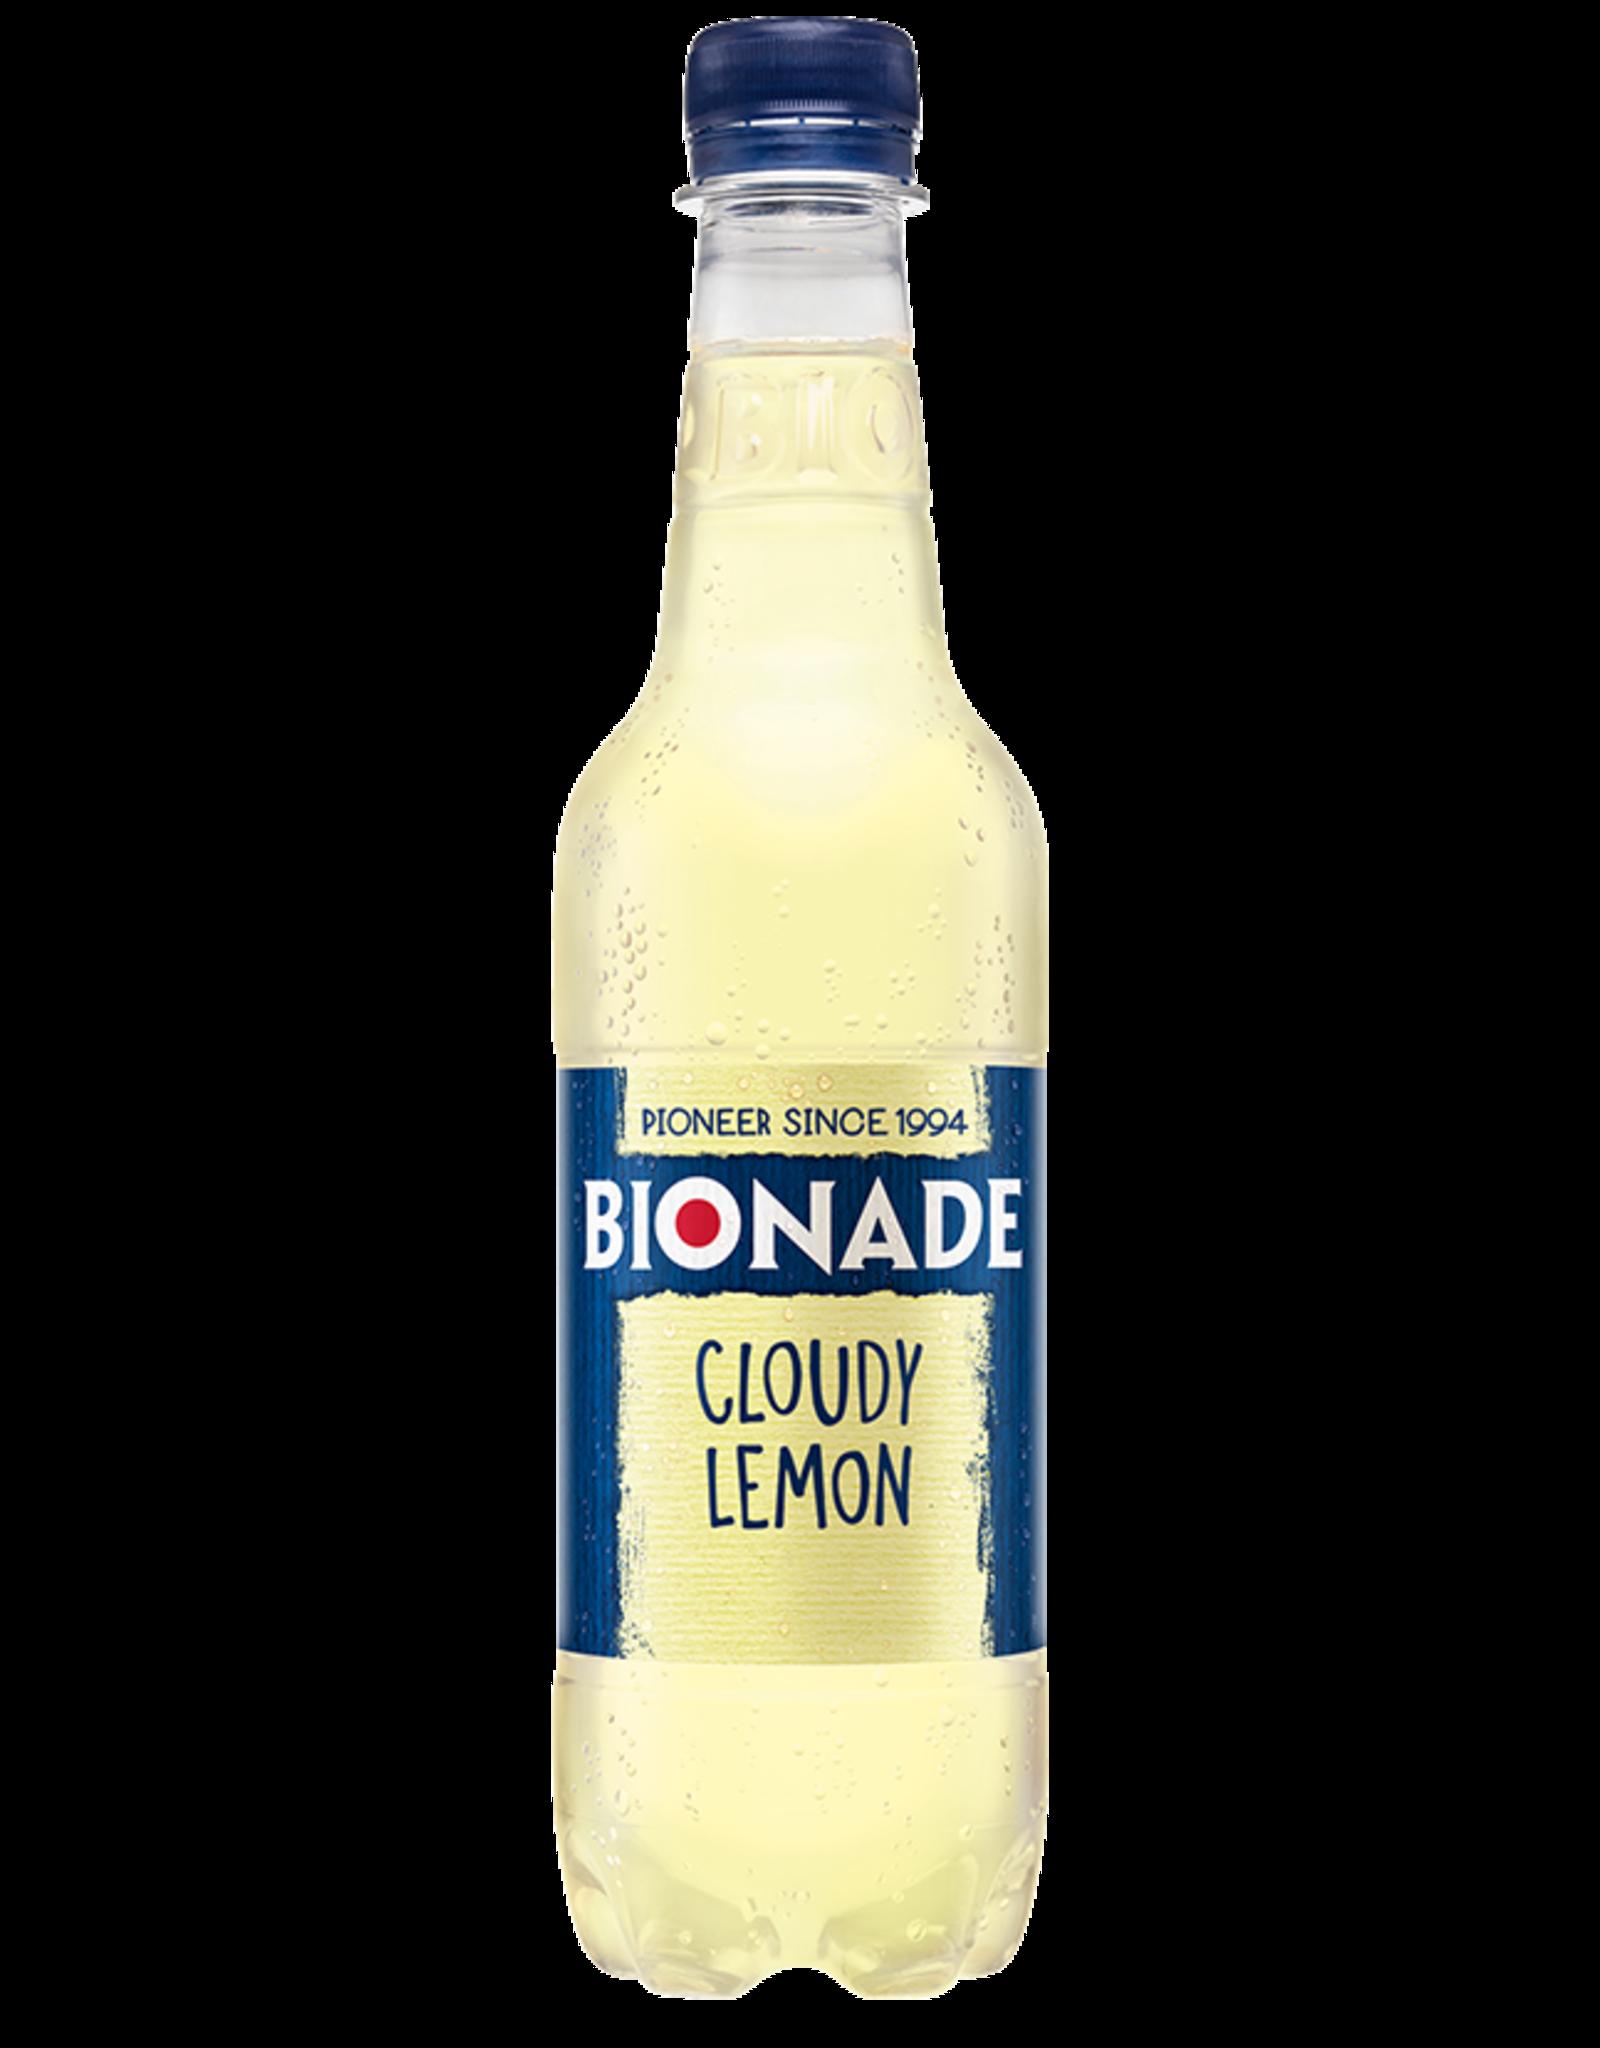 Bionade Bionade Cloudy Lemon